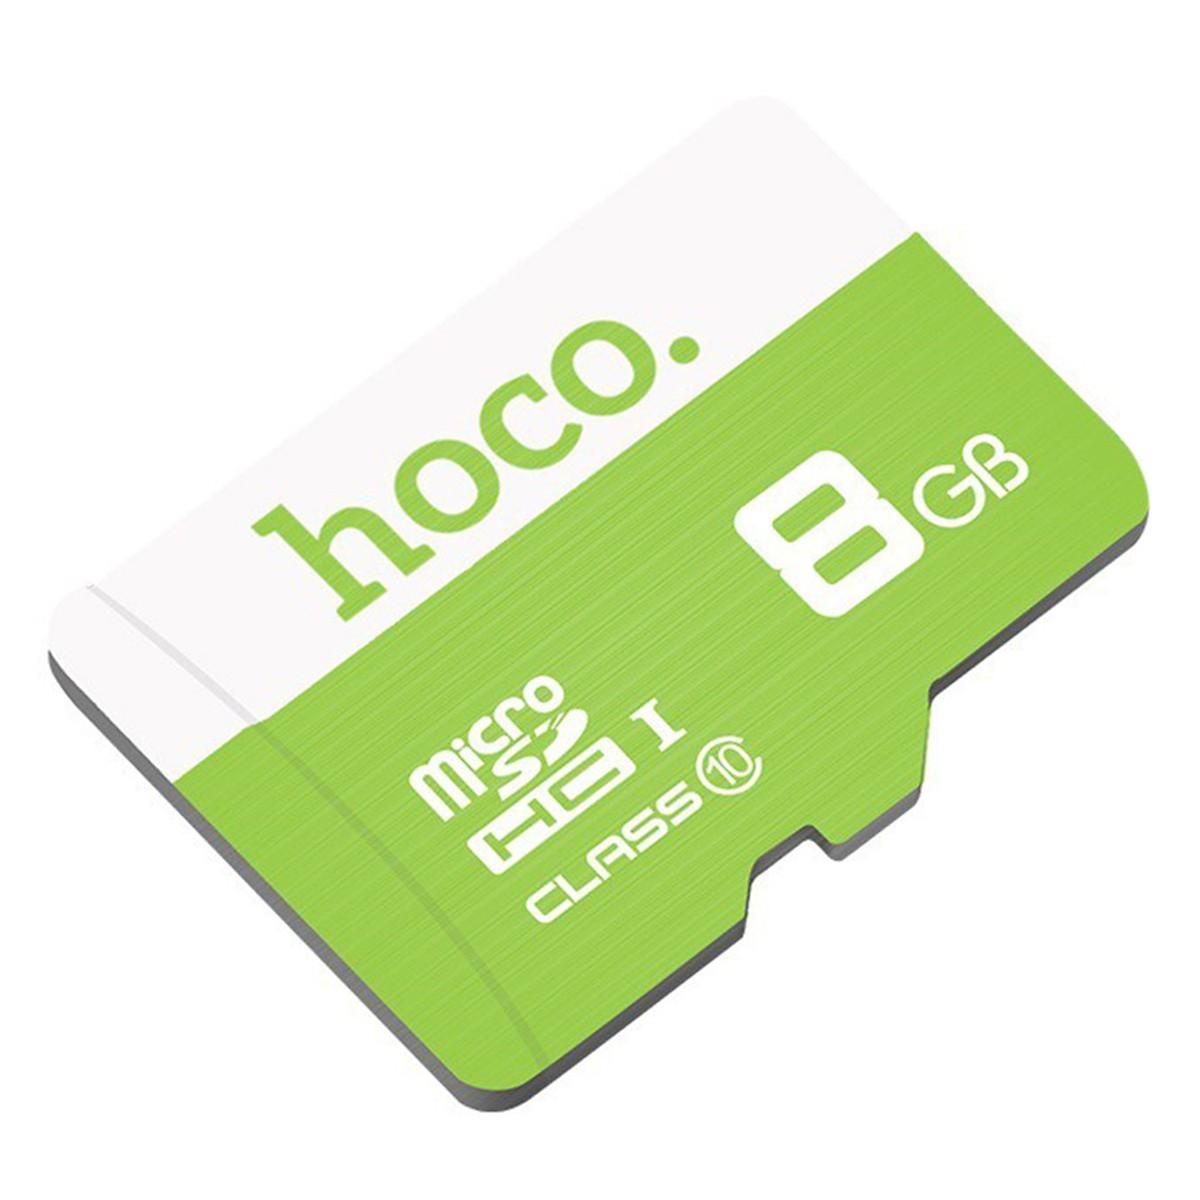 Hoco - Thẻ Nhớ MicroSD TF Hoco 8GB - Hàng Chính Hãng